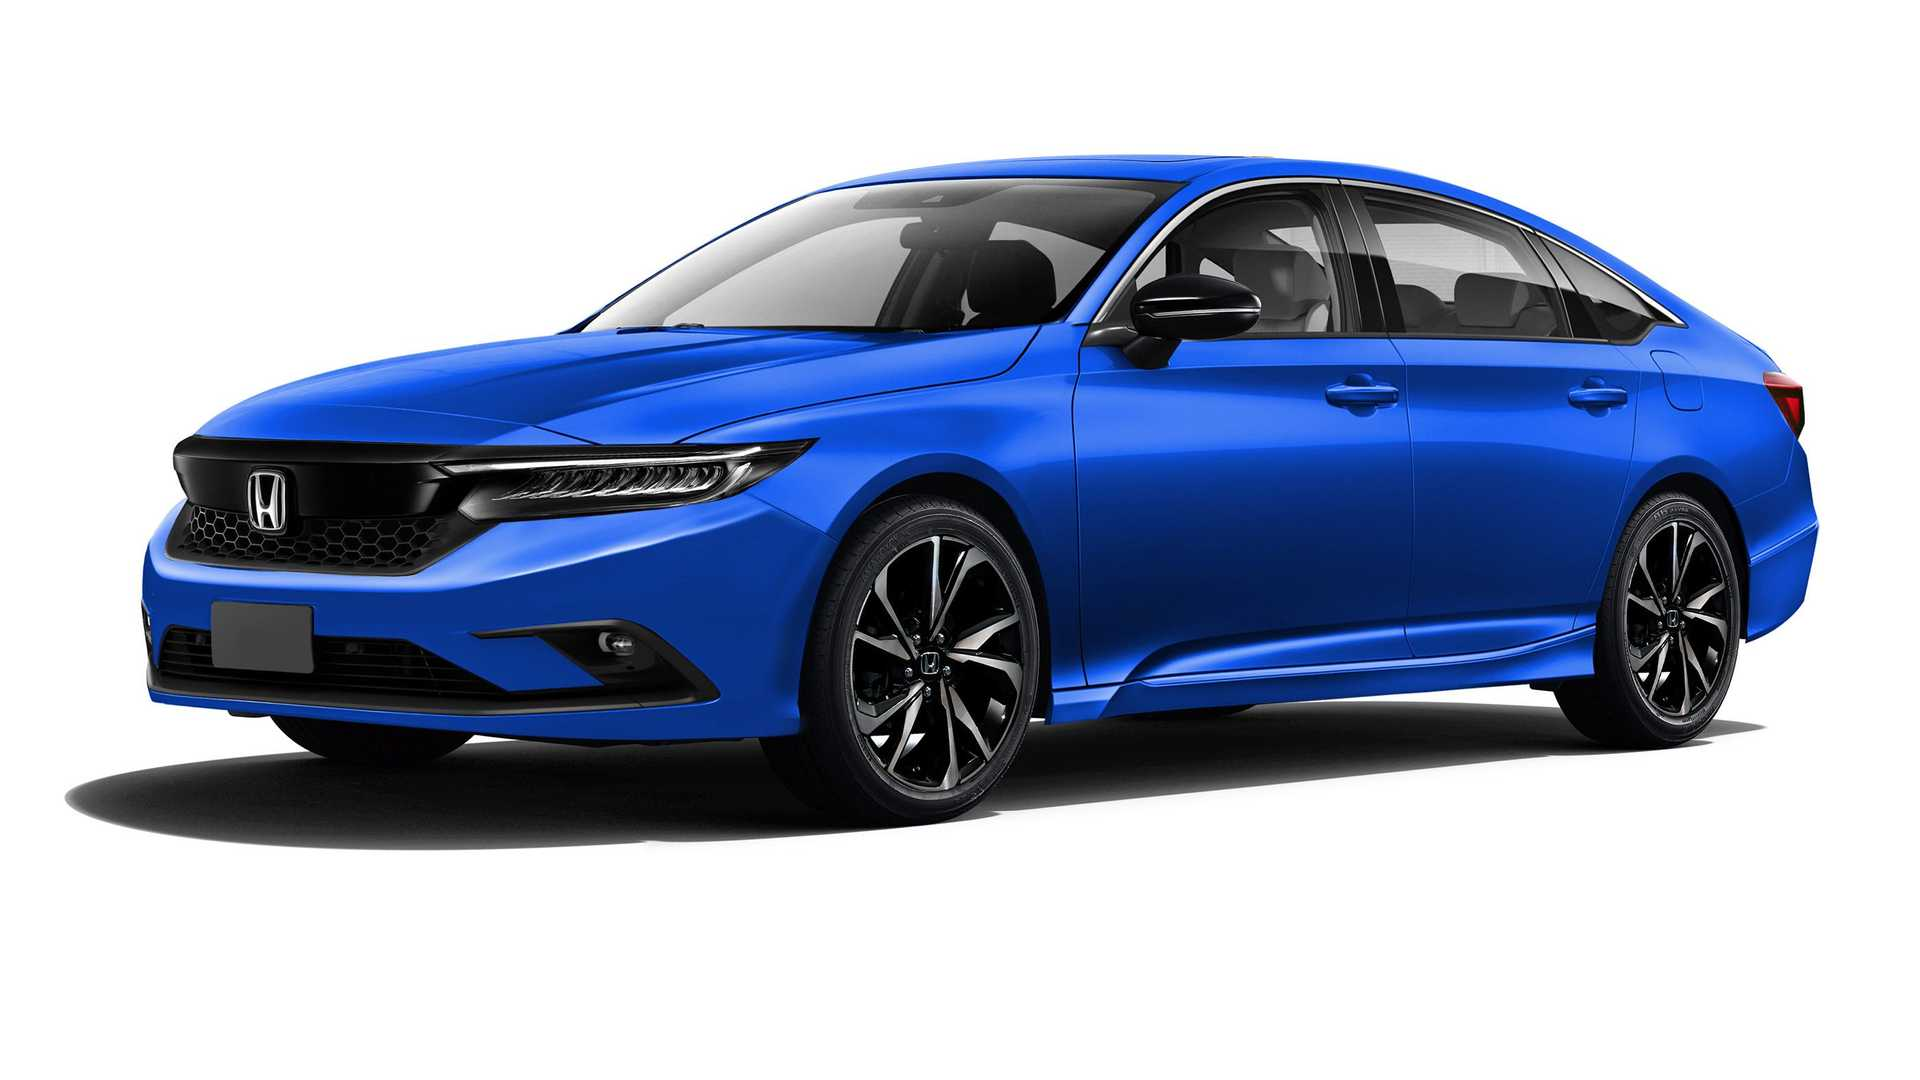 2022-honda-civic-sedan-rendering-front